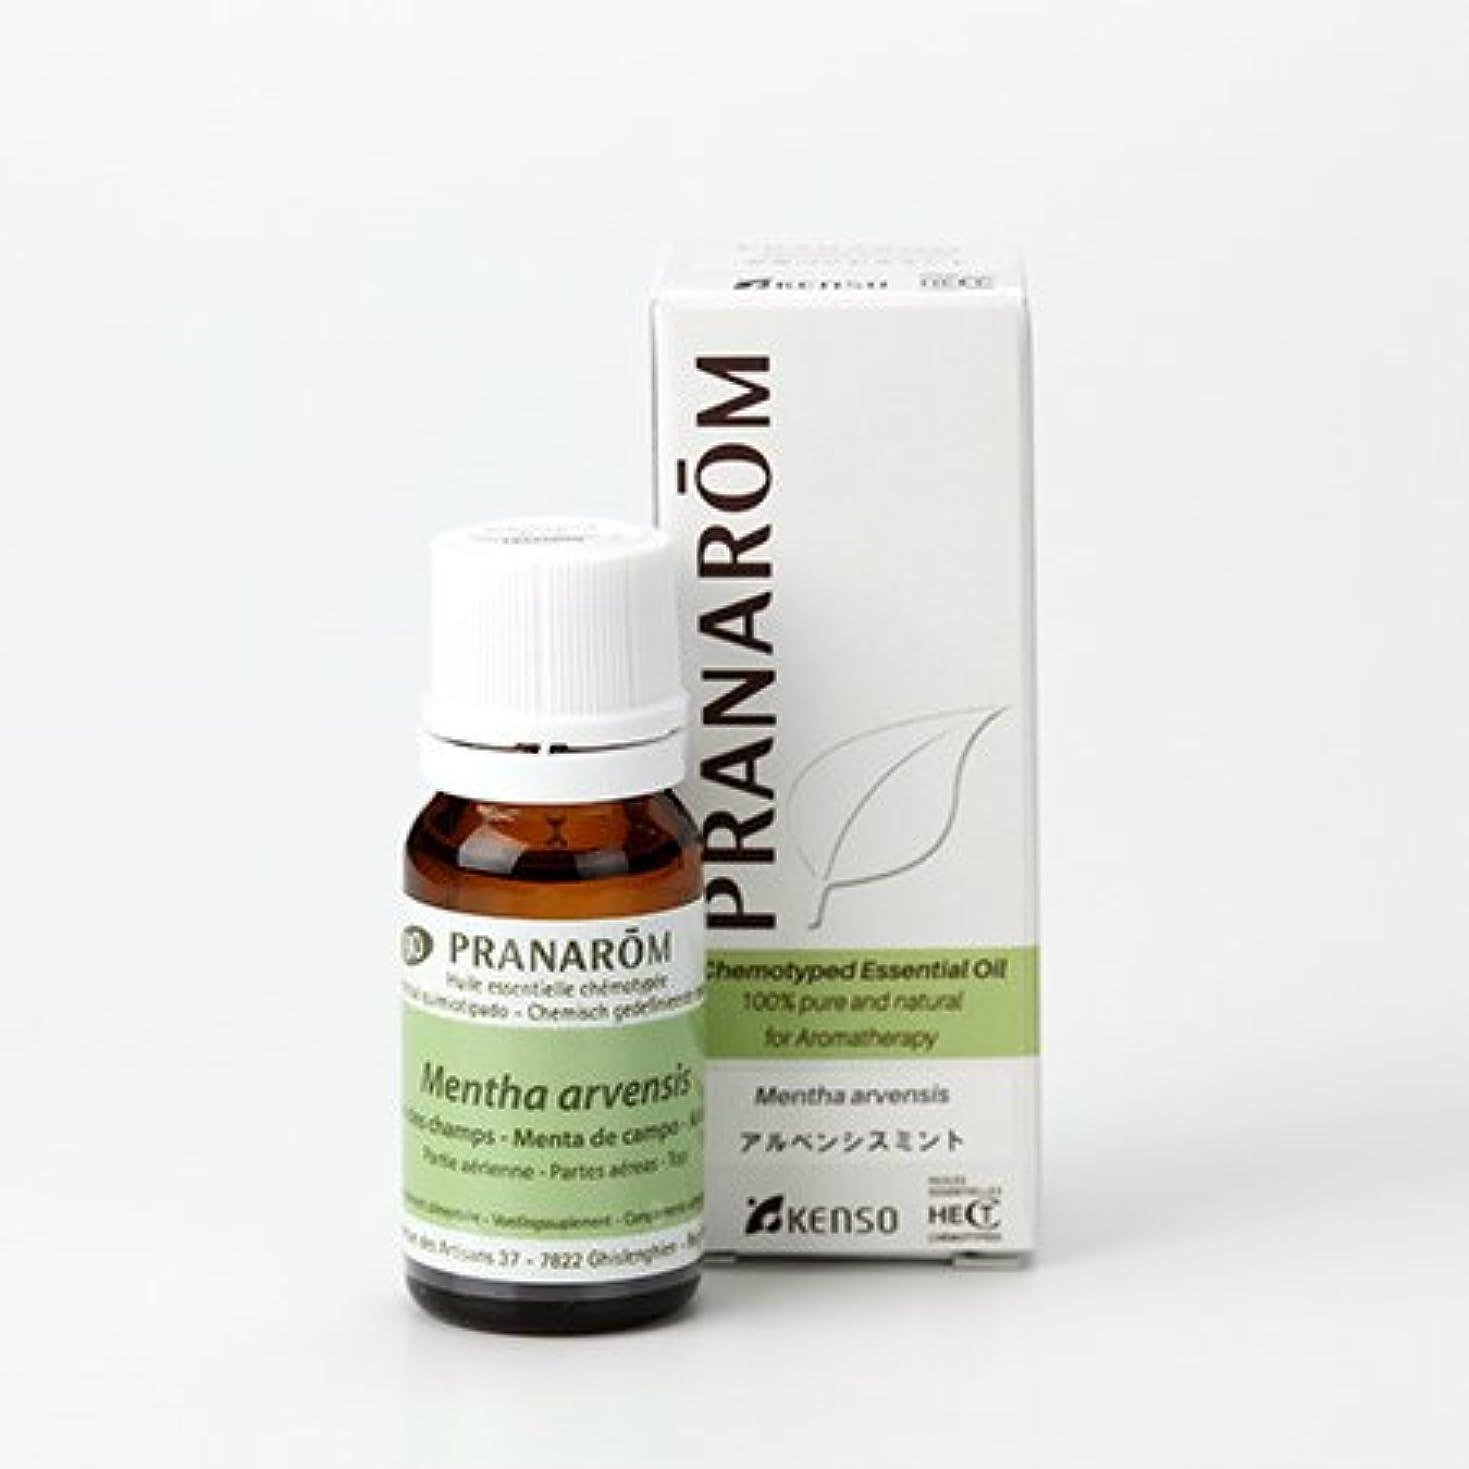 ひらめき故障終了するプラナロム アルベンシスミント 10ml (PRANAROM ケモタイプ精油)